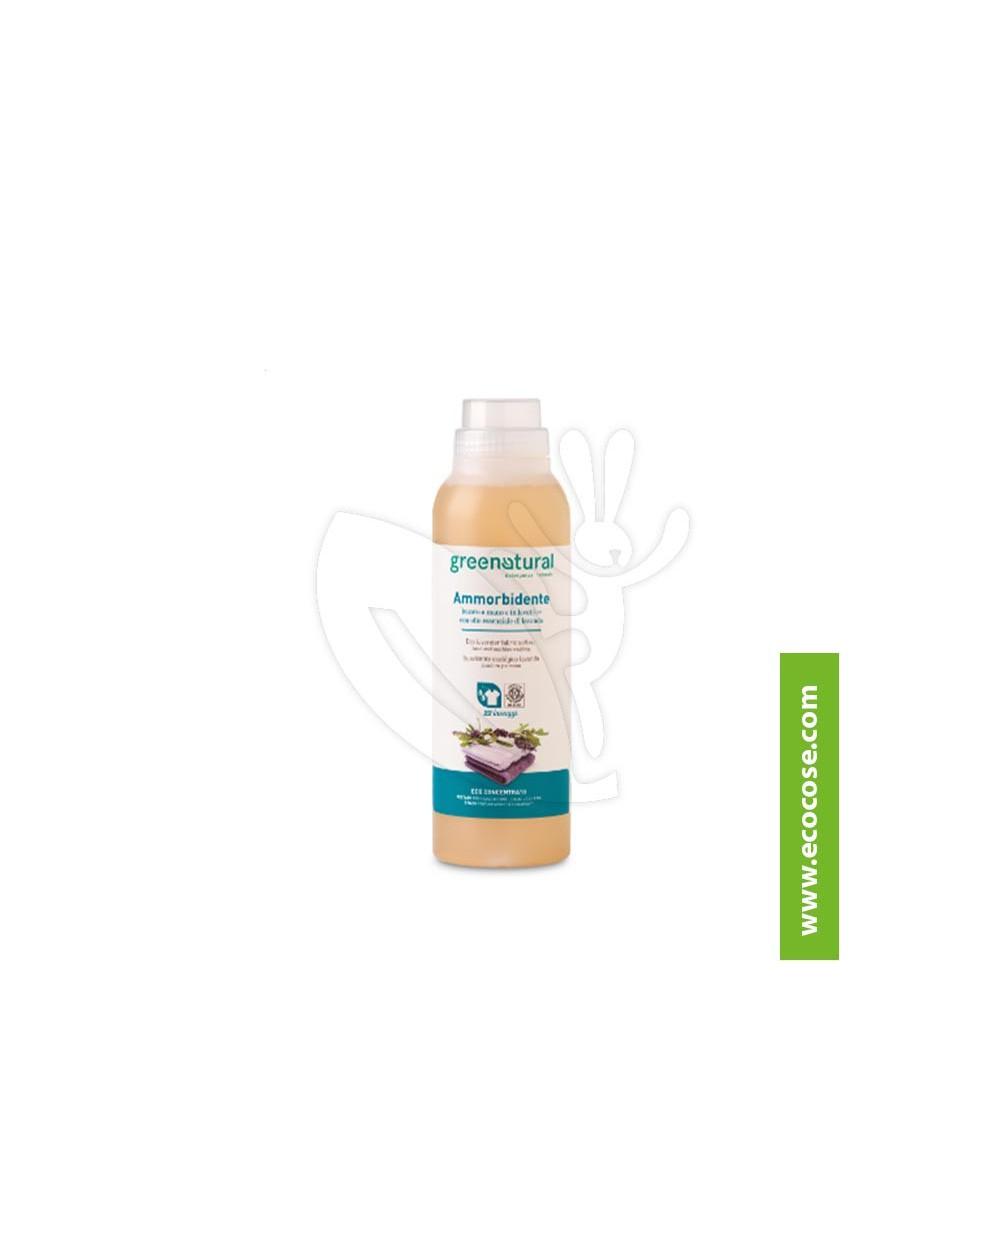 Greenatural - Ammorbidente alla LAVANDA (senza siliconi)